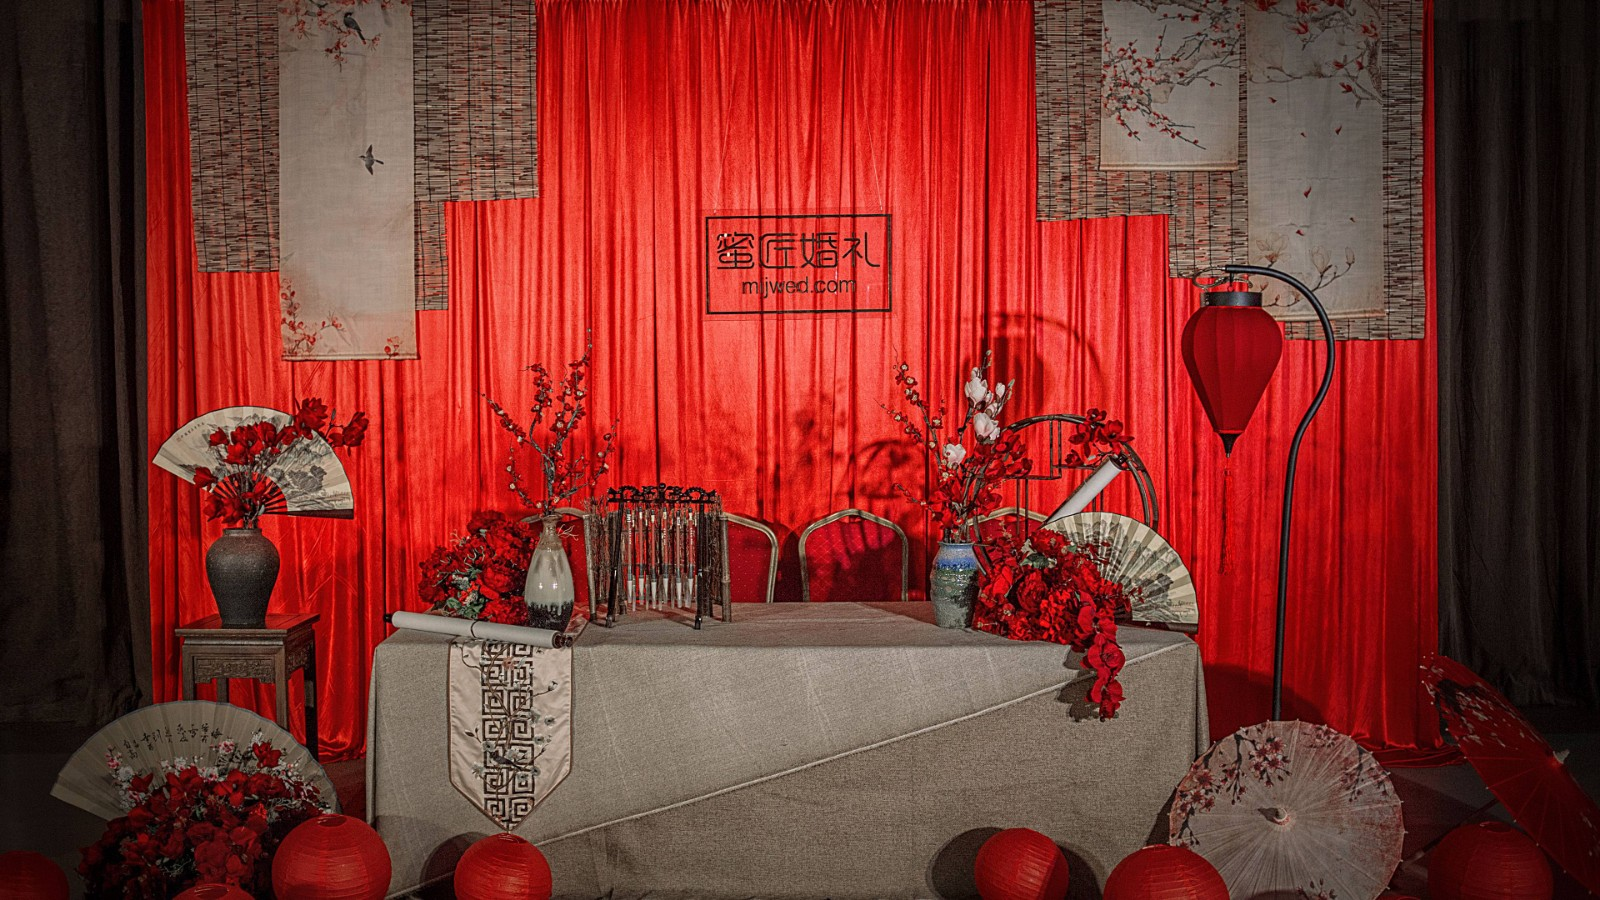 婚礼宾客签到台物品有哪些 婚礼签到台物品摆件